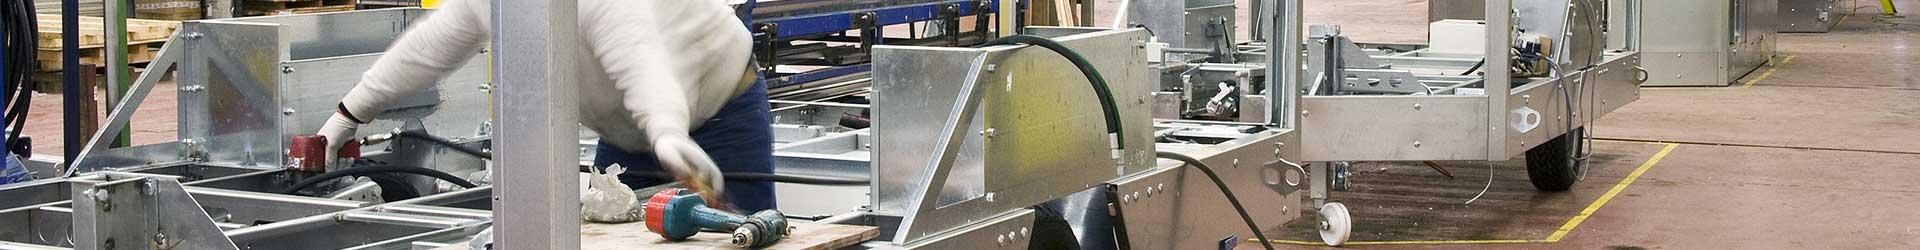 Securi Cabin - Manufacturing